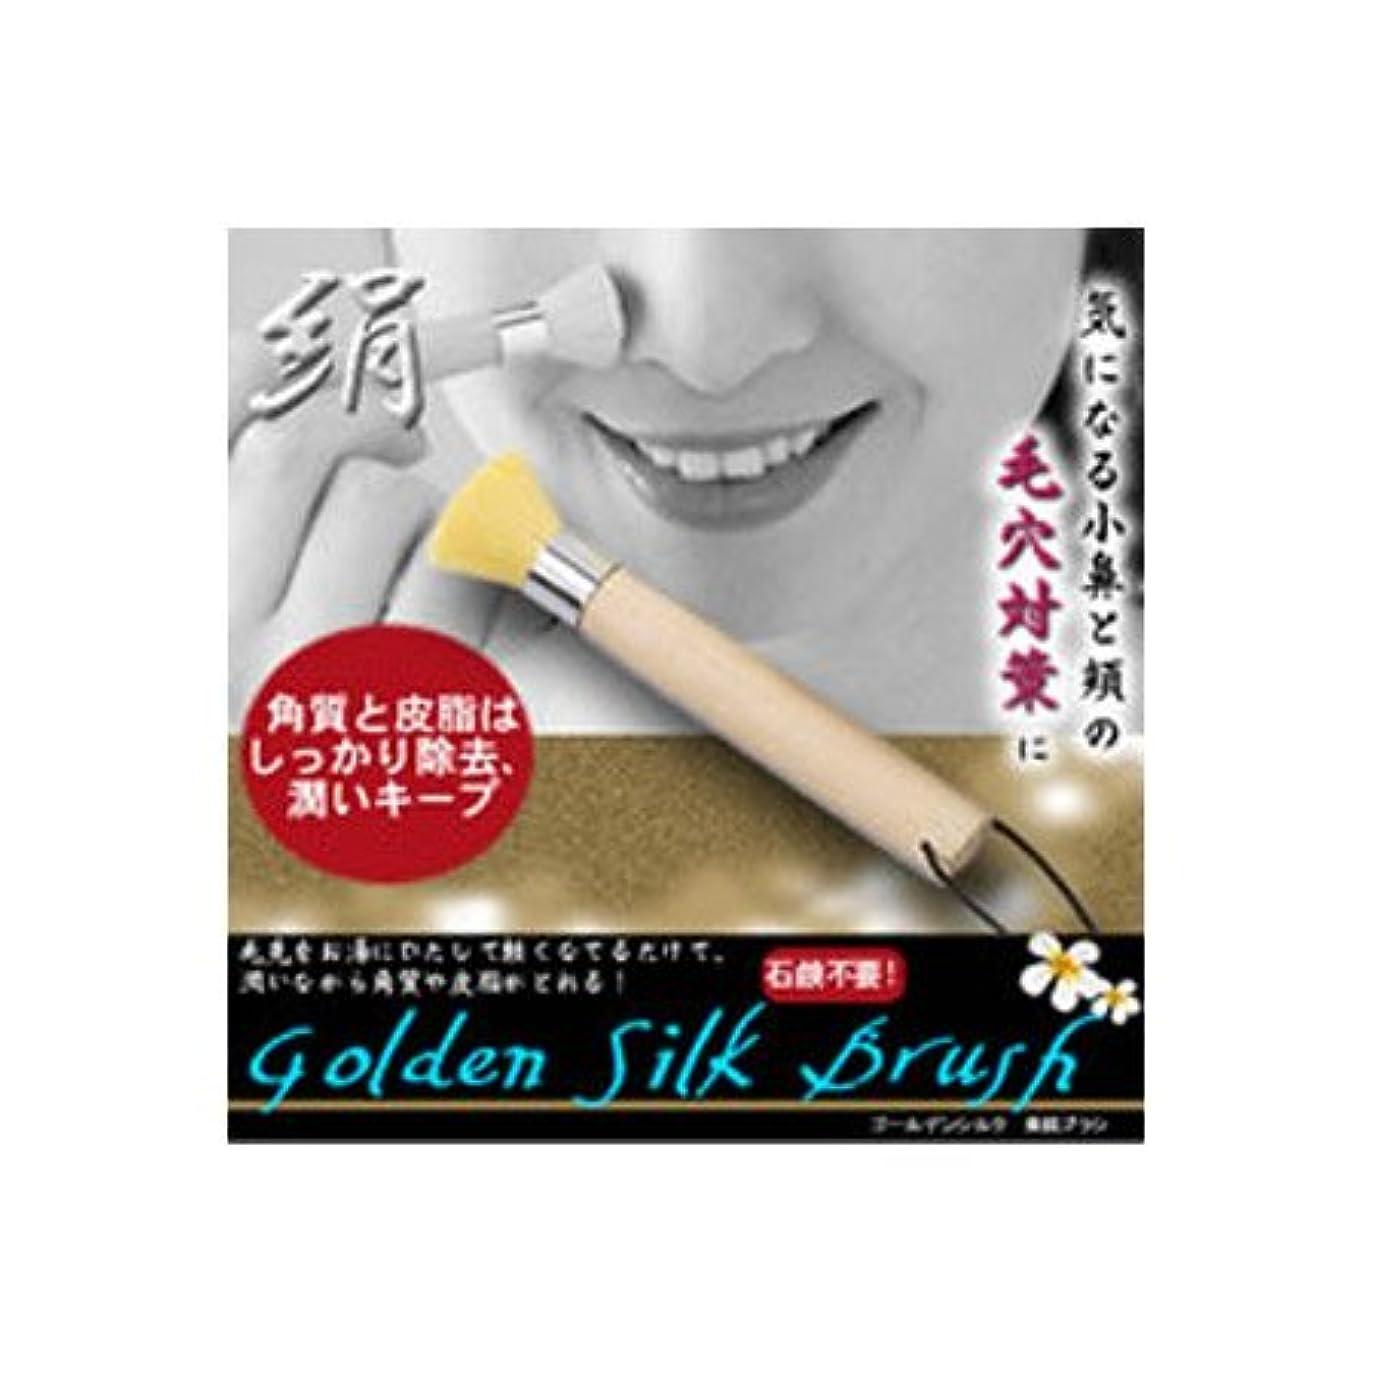 取る耐えられる取るゴールデンシルク 美肌ブラシ 小鼻用